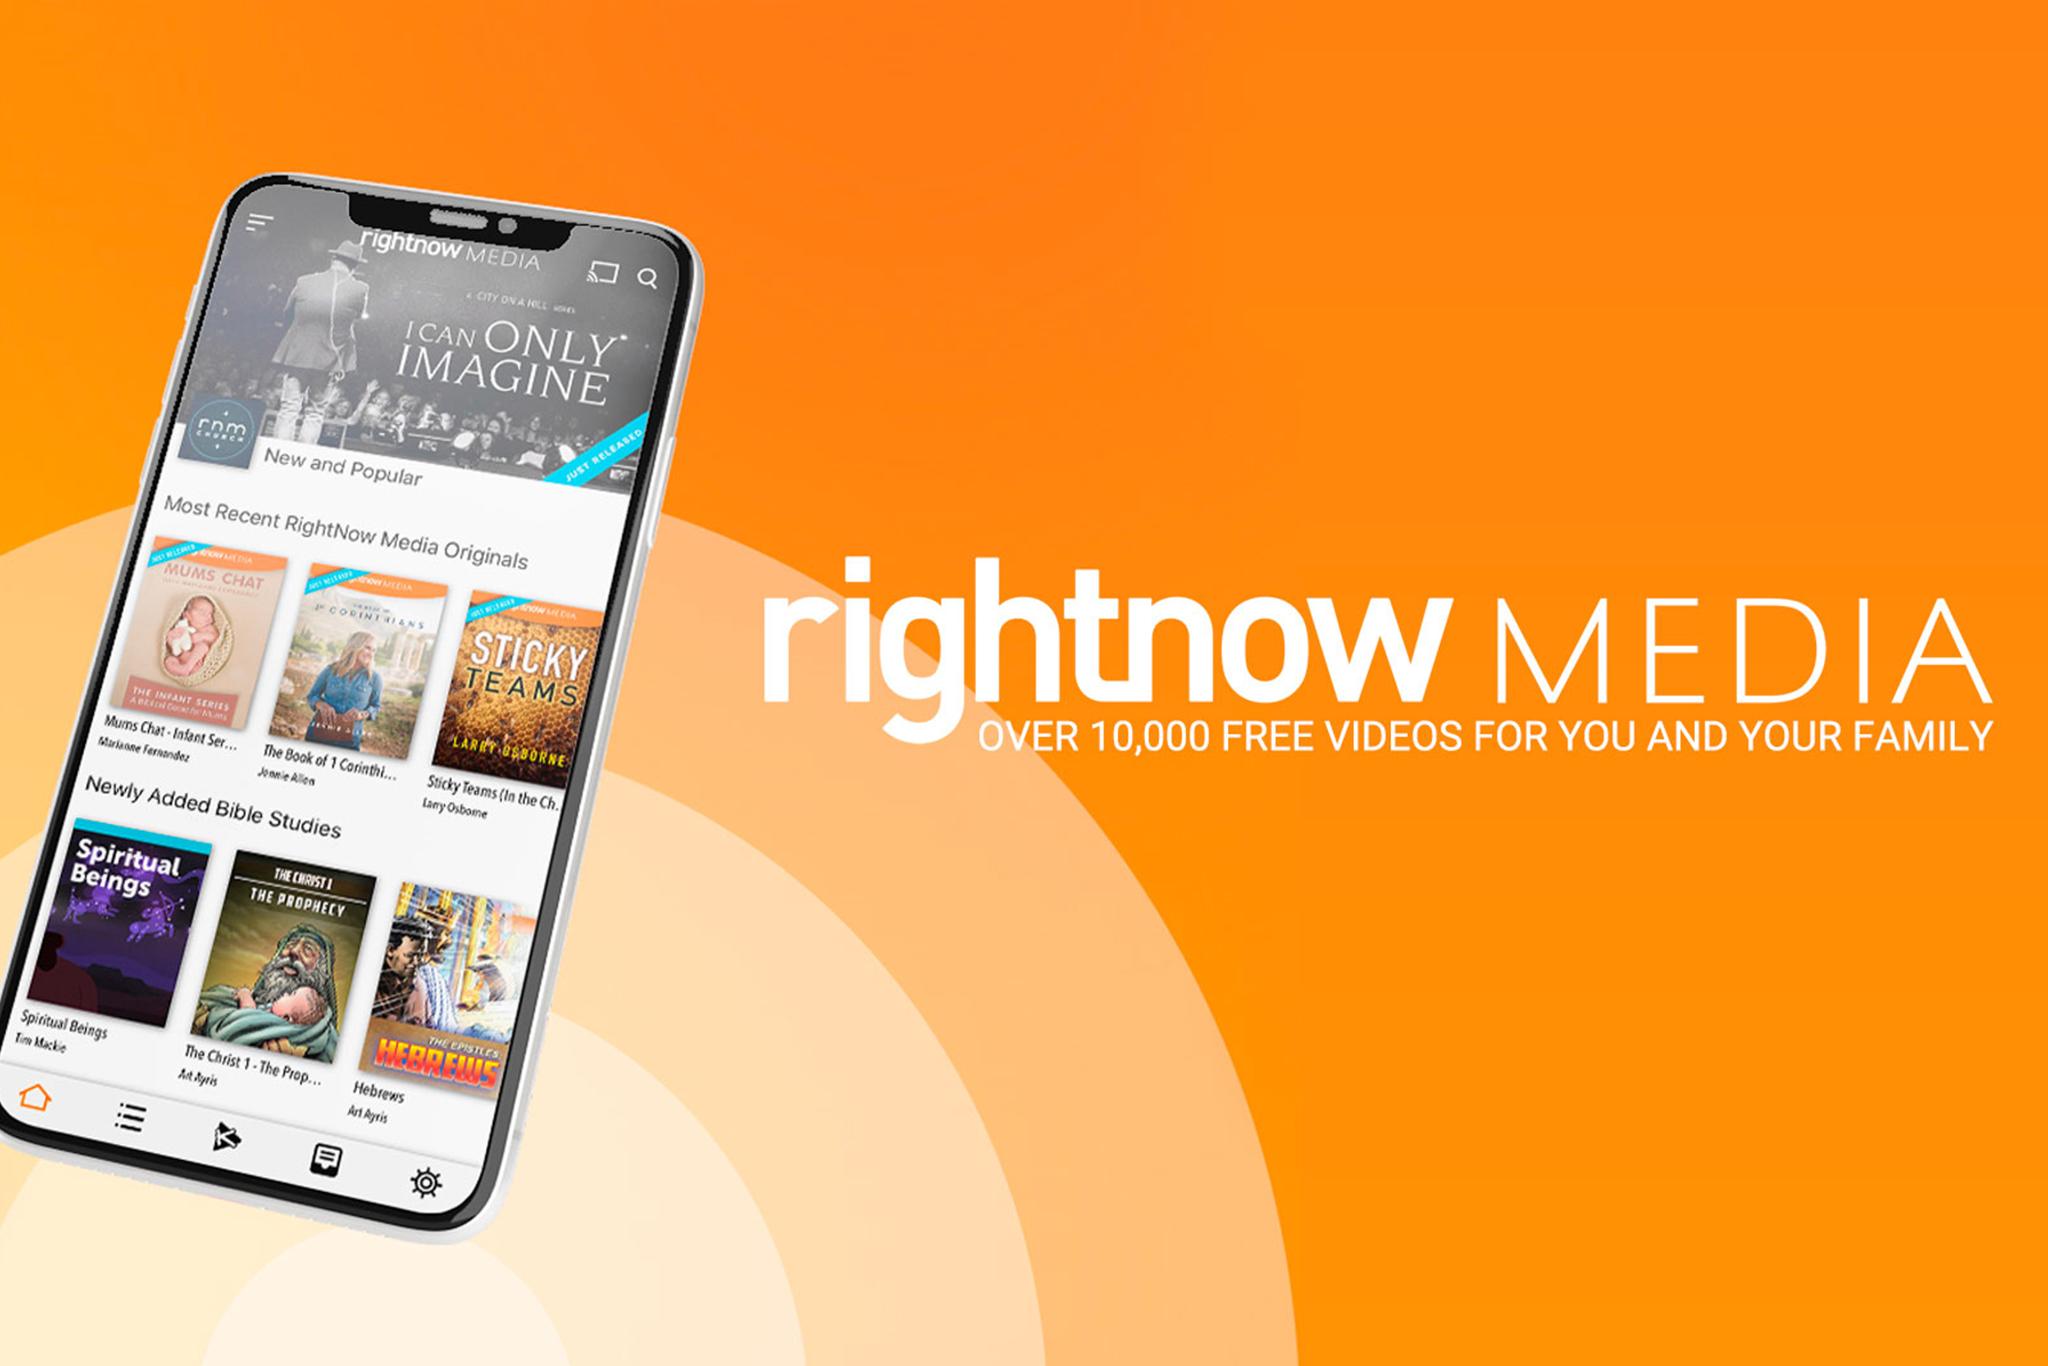 Right now media app